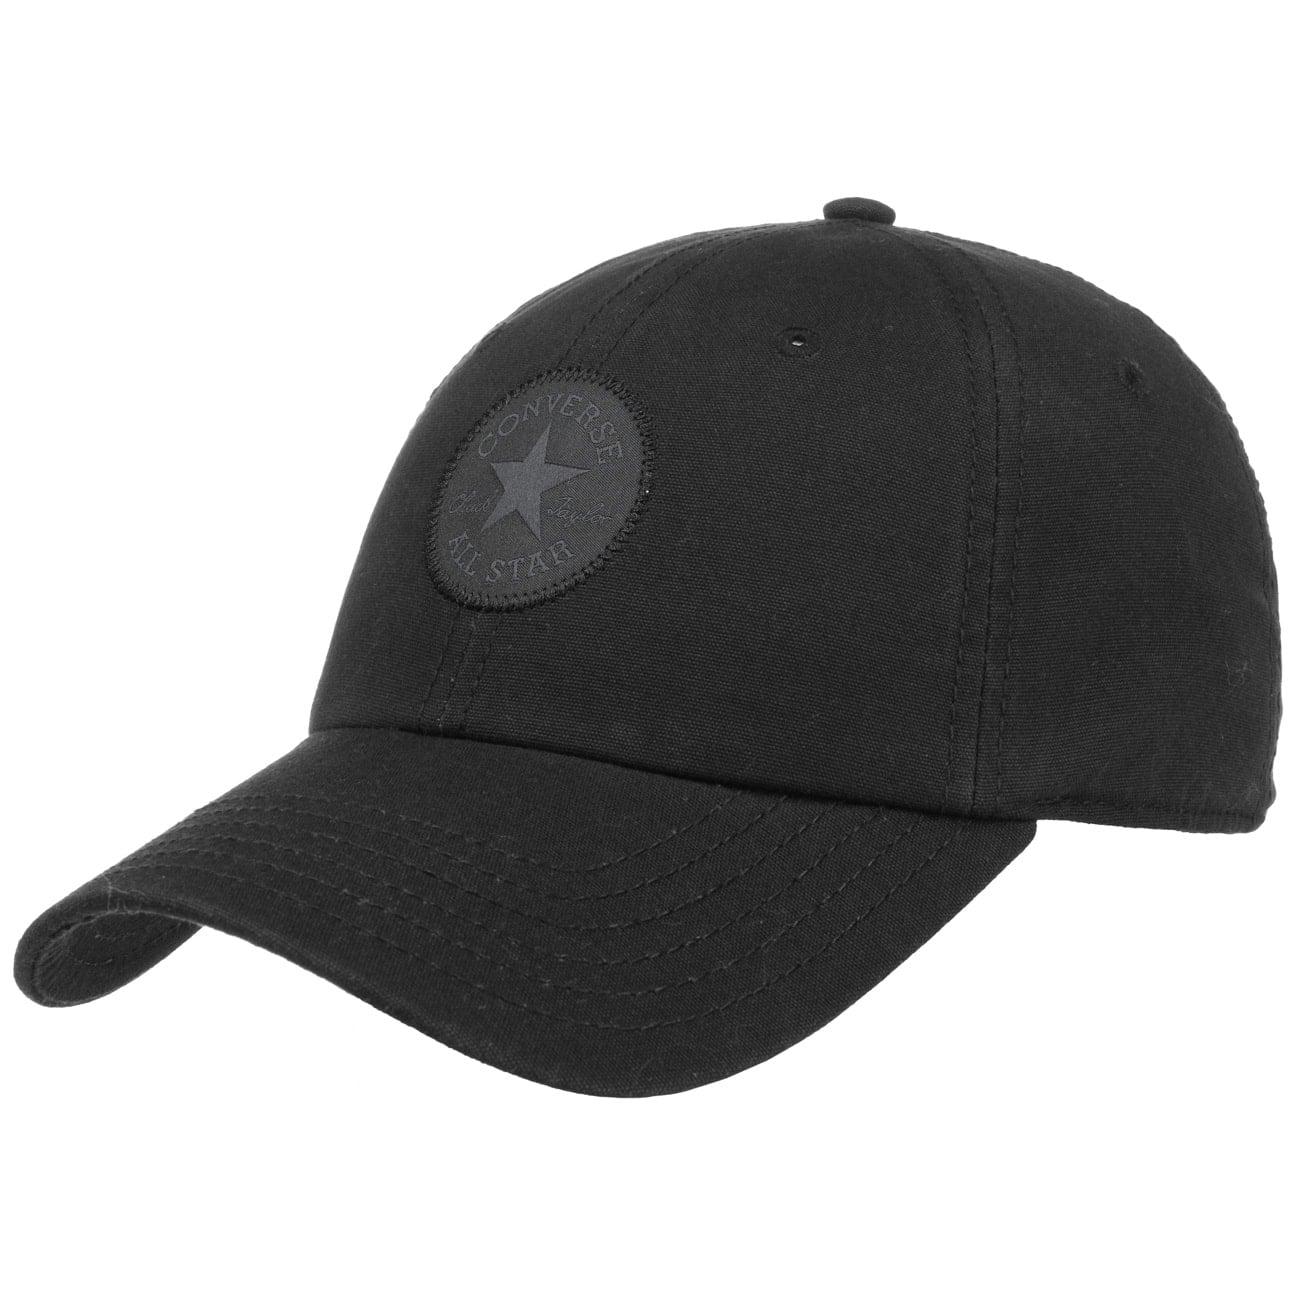 Casquette Monotone Strapback by Converse  baseball cap